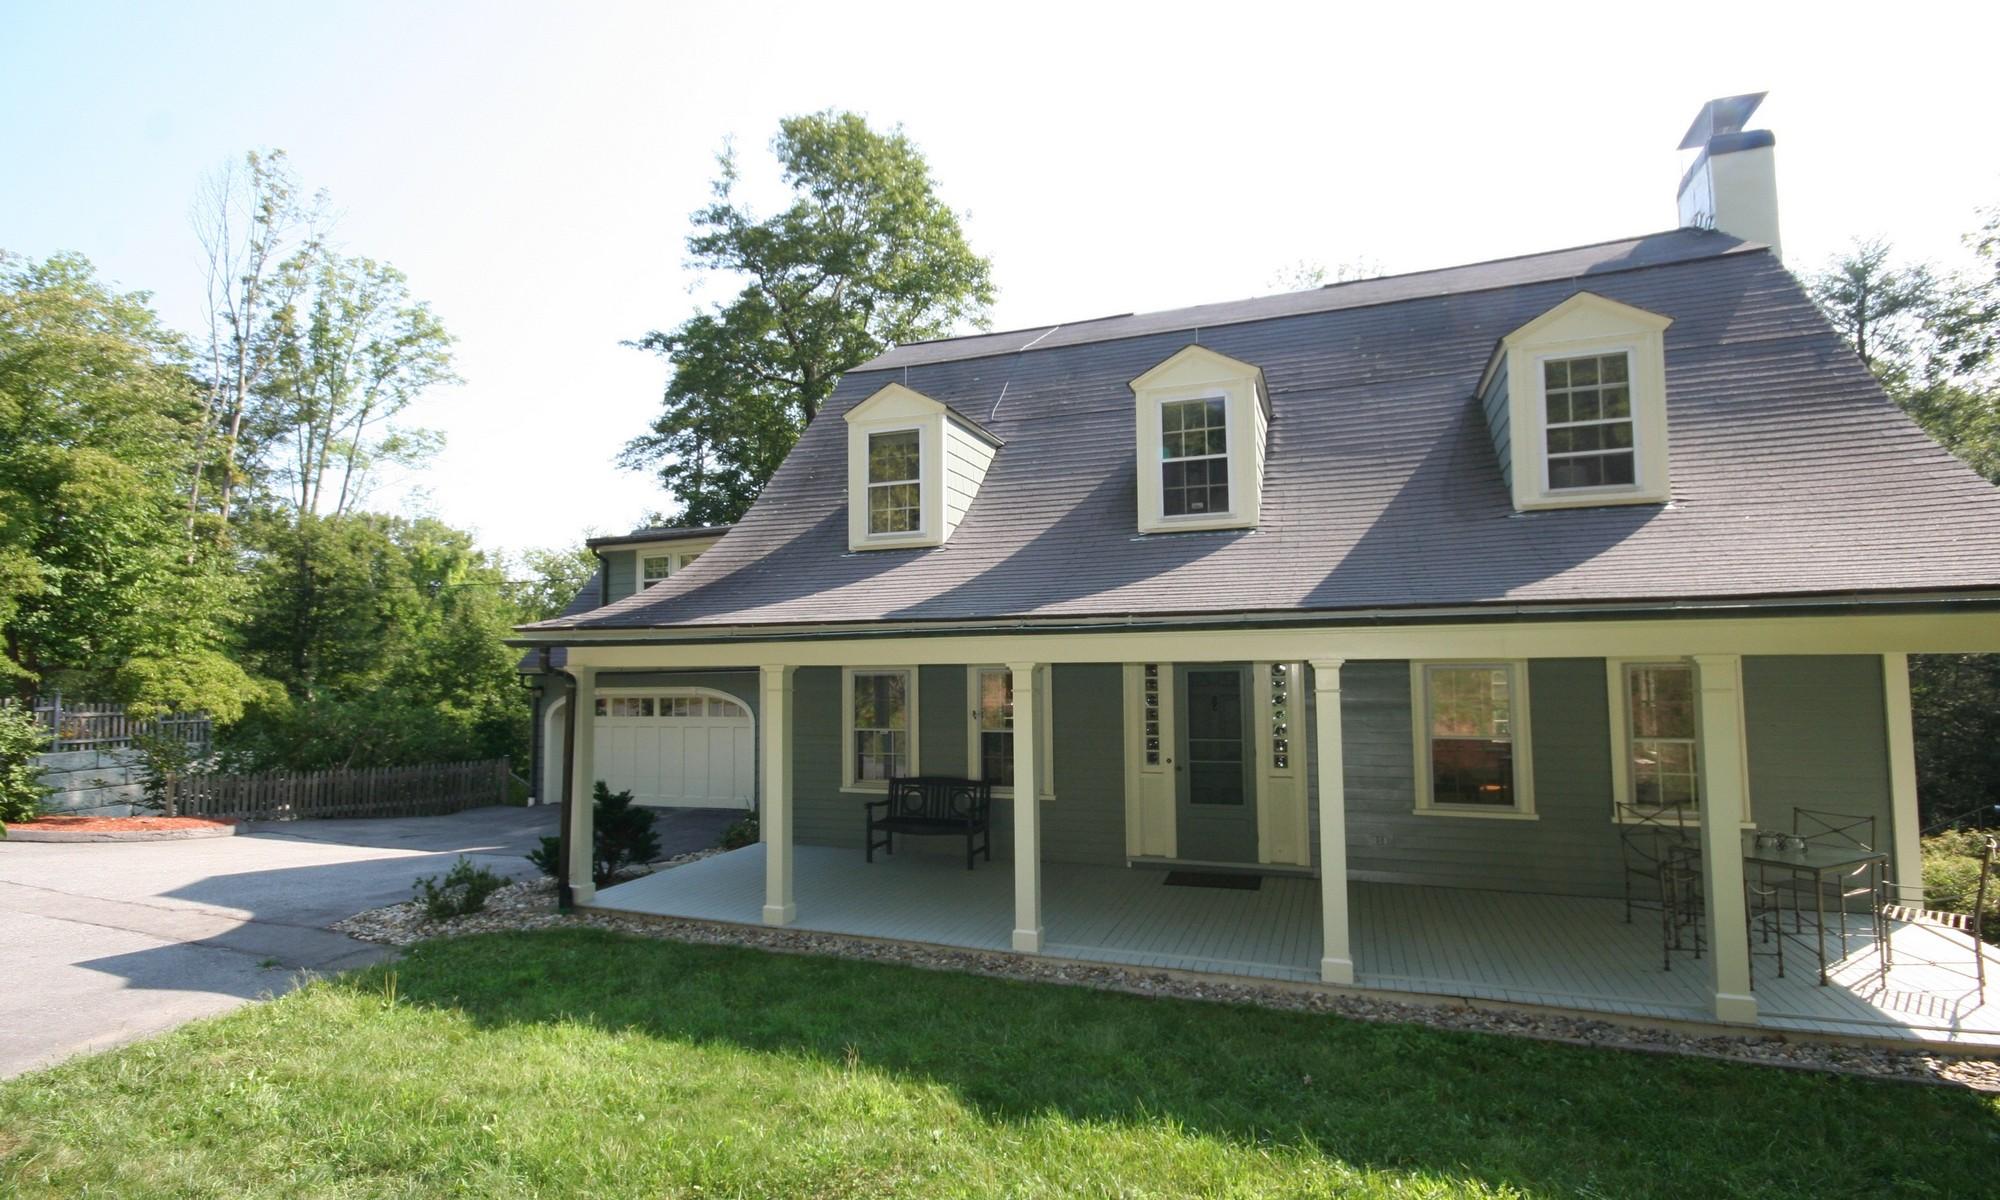 Tek Ailelik Ev için Satış at Elegant & Country Charm 14 Hilliard Road Lincoln, Massachusetts 01773 Amerika Birleşik Devletleri